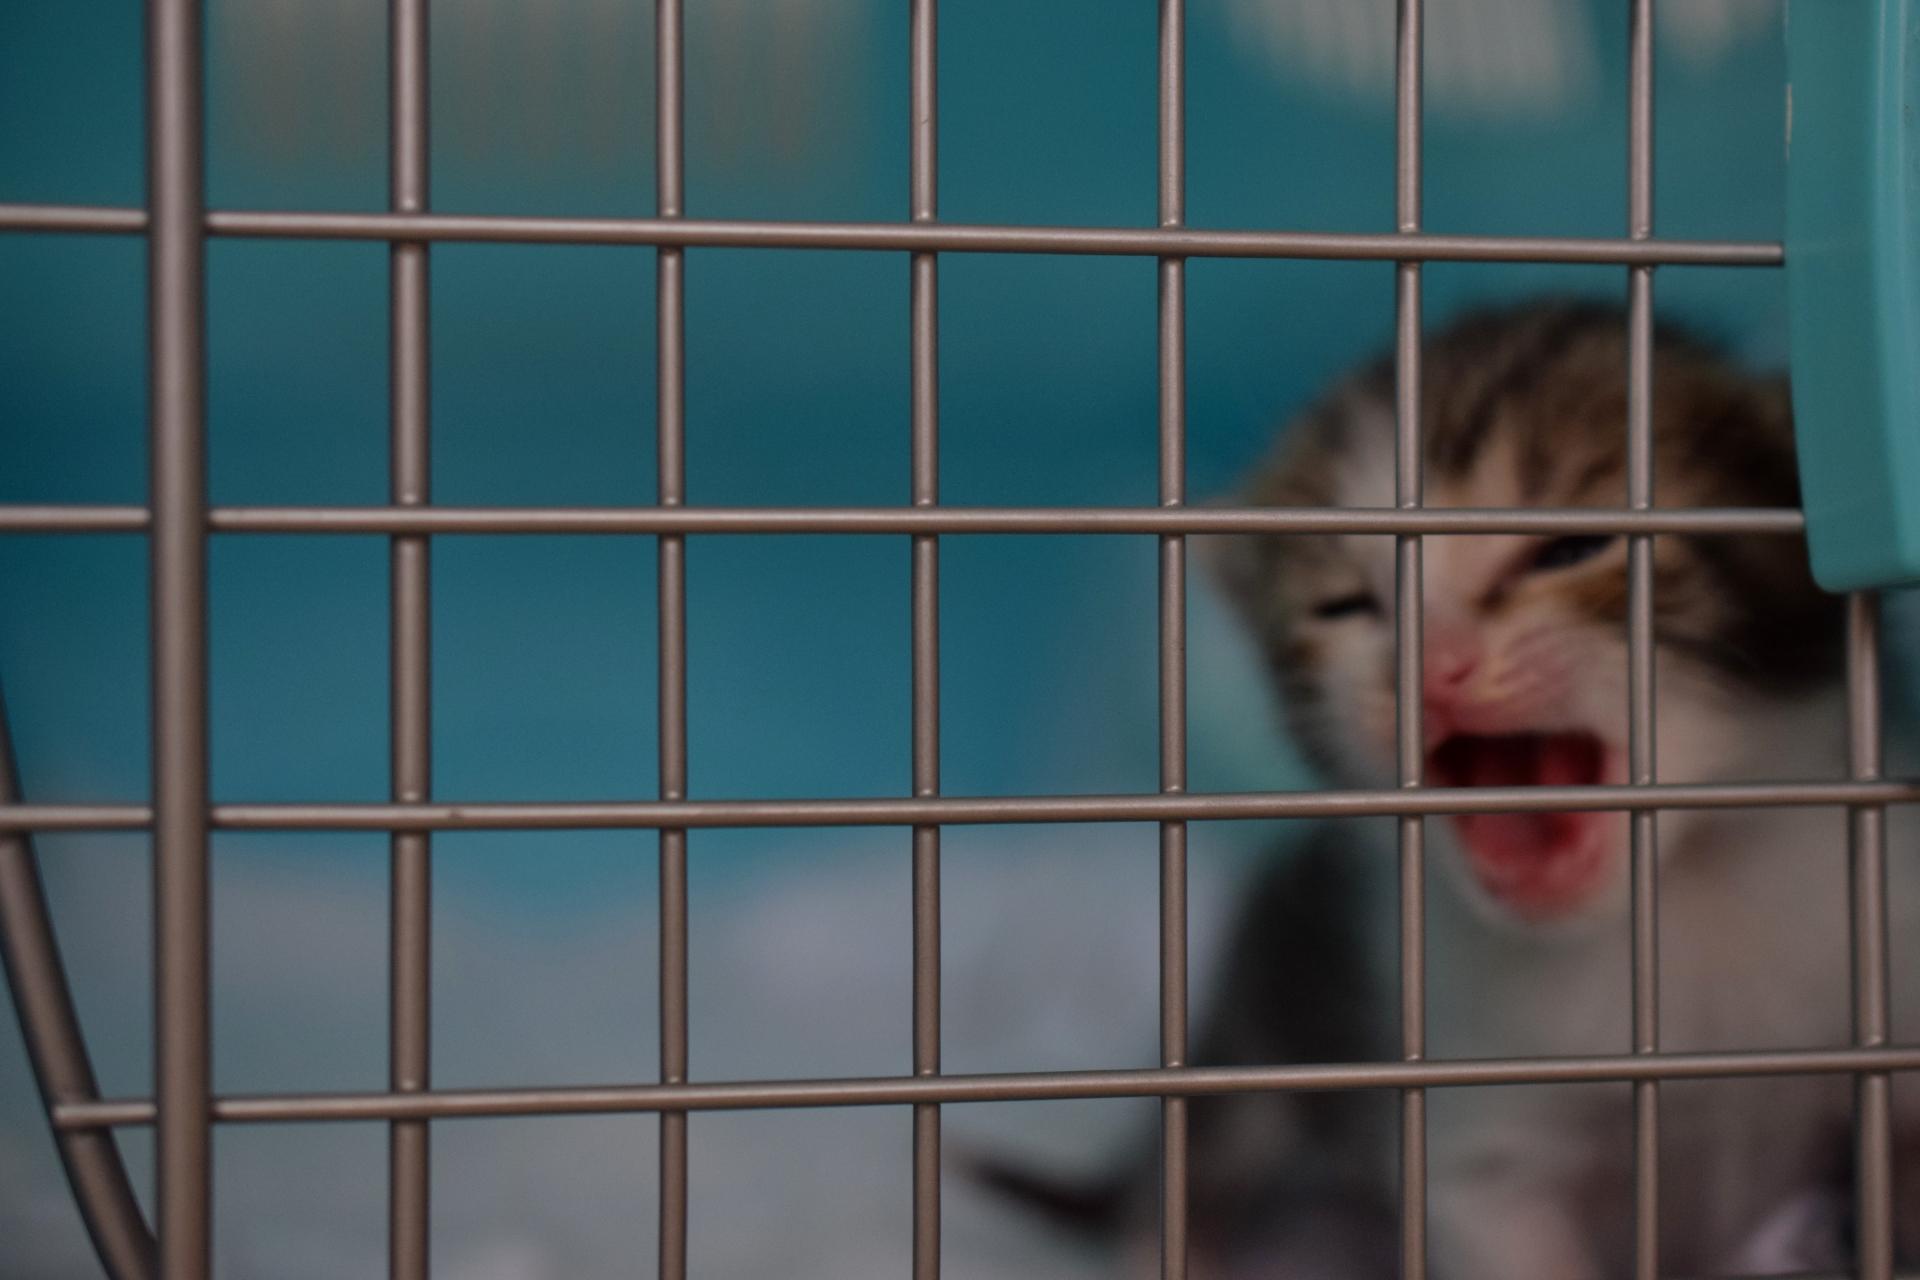 猫の保健所への持ち込みを減らすメリットやあなたができること